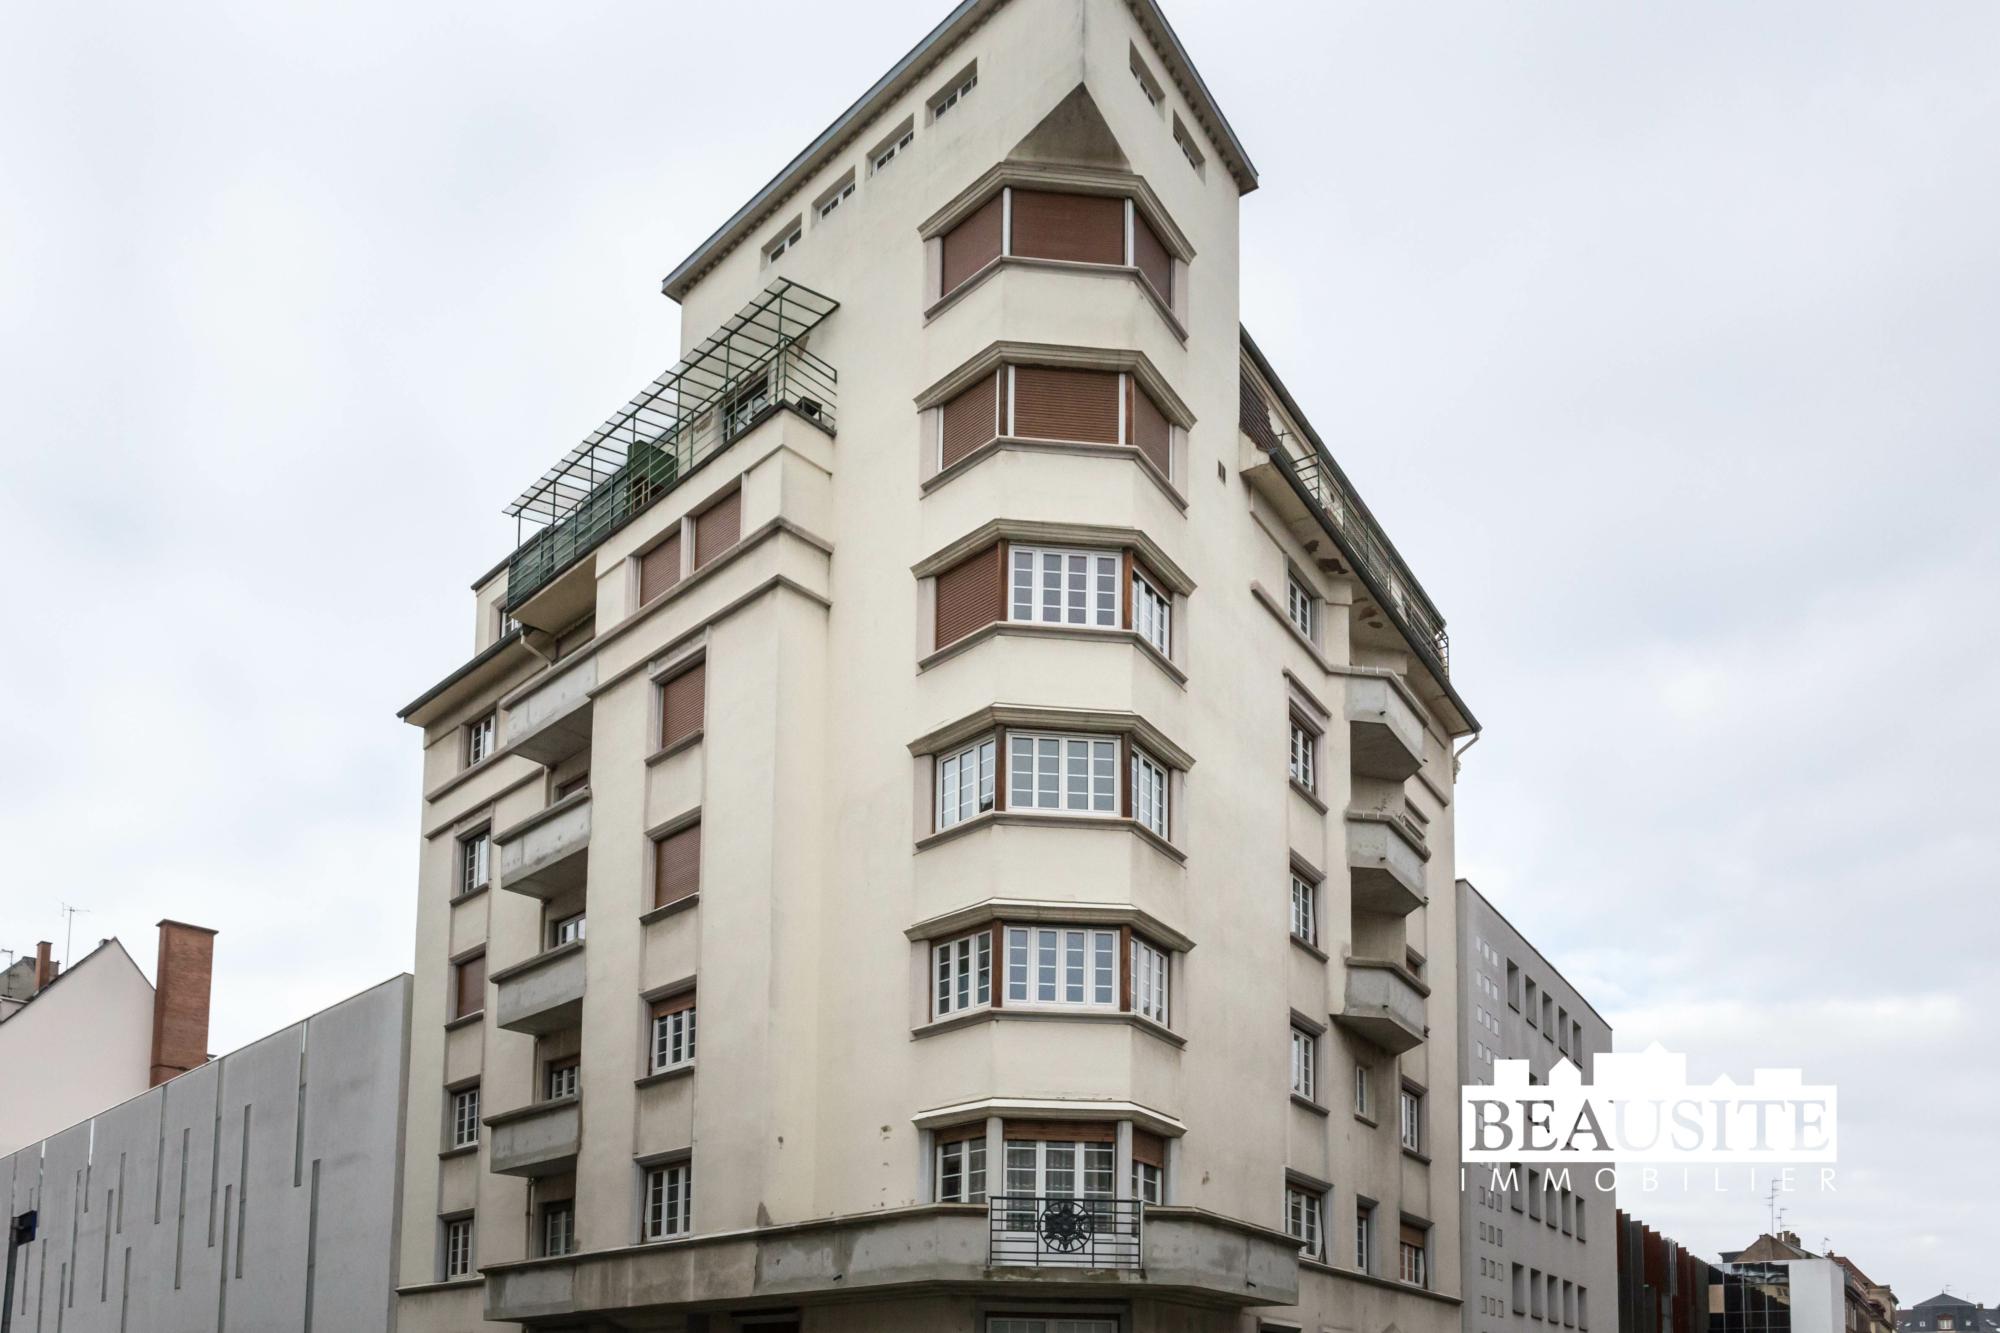 [Paquebot] Accostez dans un appartement à la vue sur la Cathédrale - Halles / rue de Bouxwiller - nos ventes - Beausite Immobilier 1